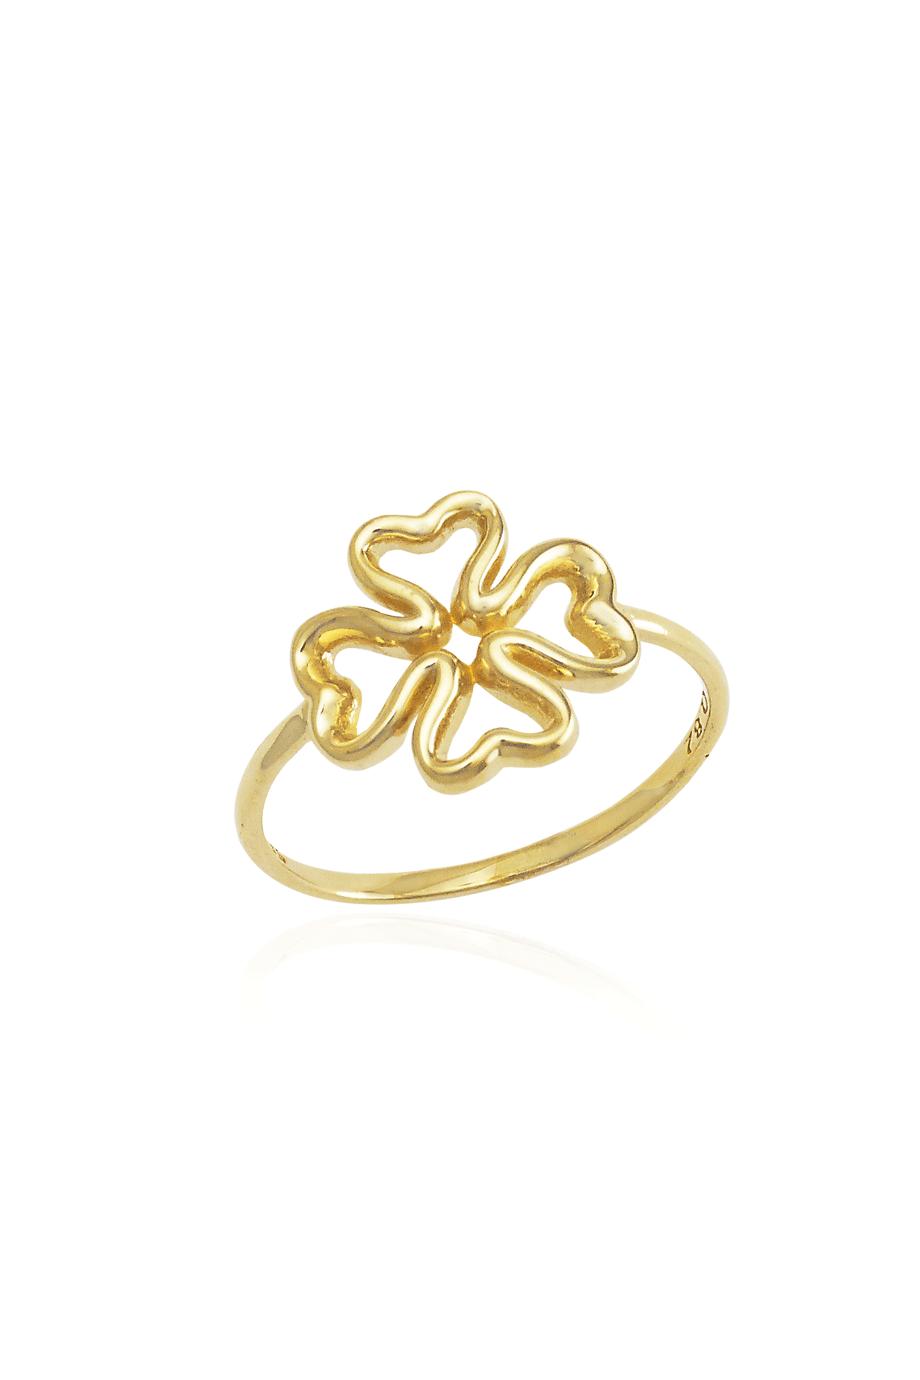 Δαχτυλίδι Χρυσό Λουλούδι